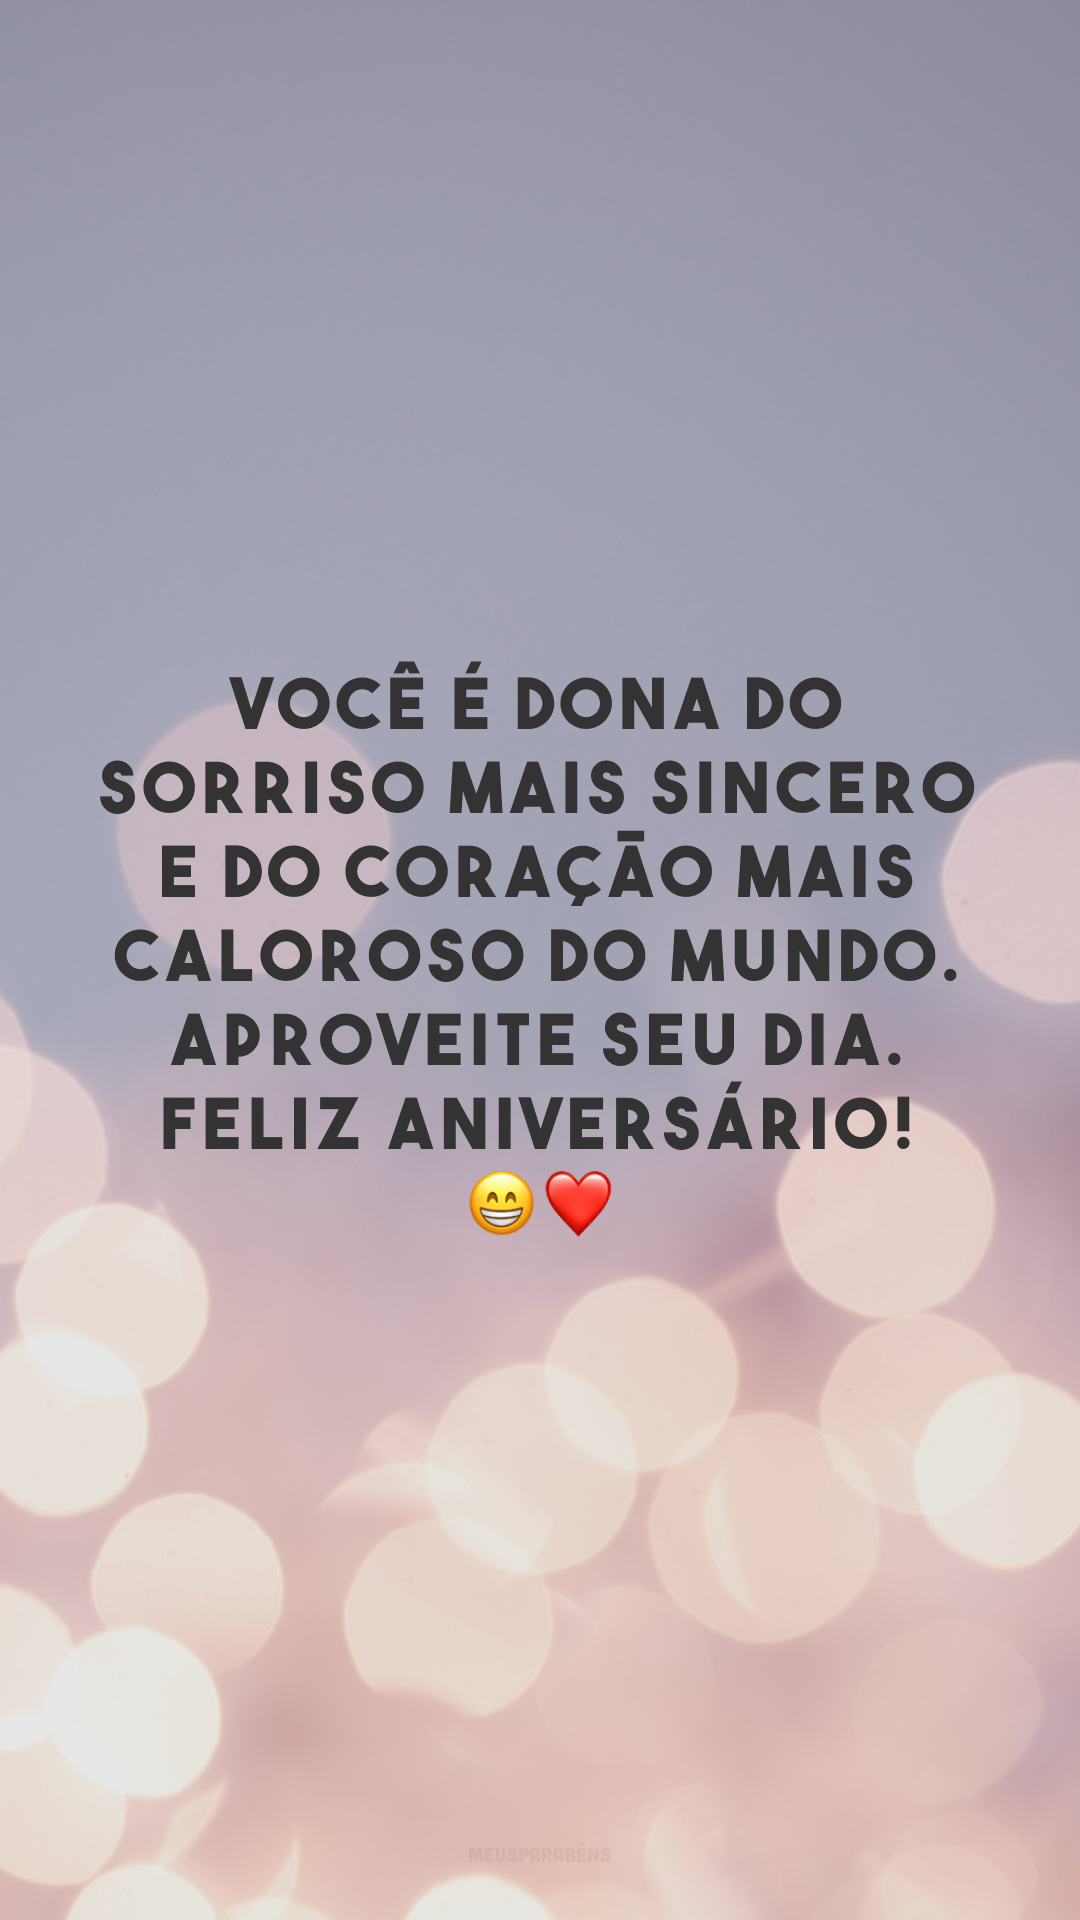 Você é dona do sorriso mais sincero e do coração mais caloroso do mundo. Aproveite seu dia. Feliz aniversário! ?❤